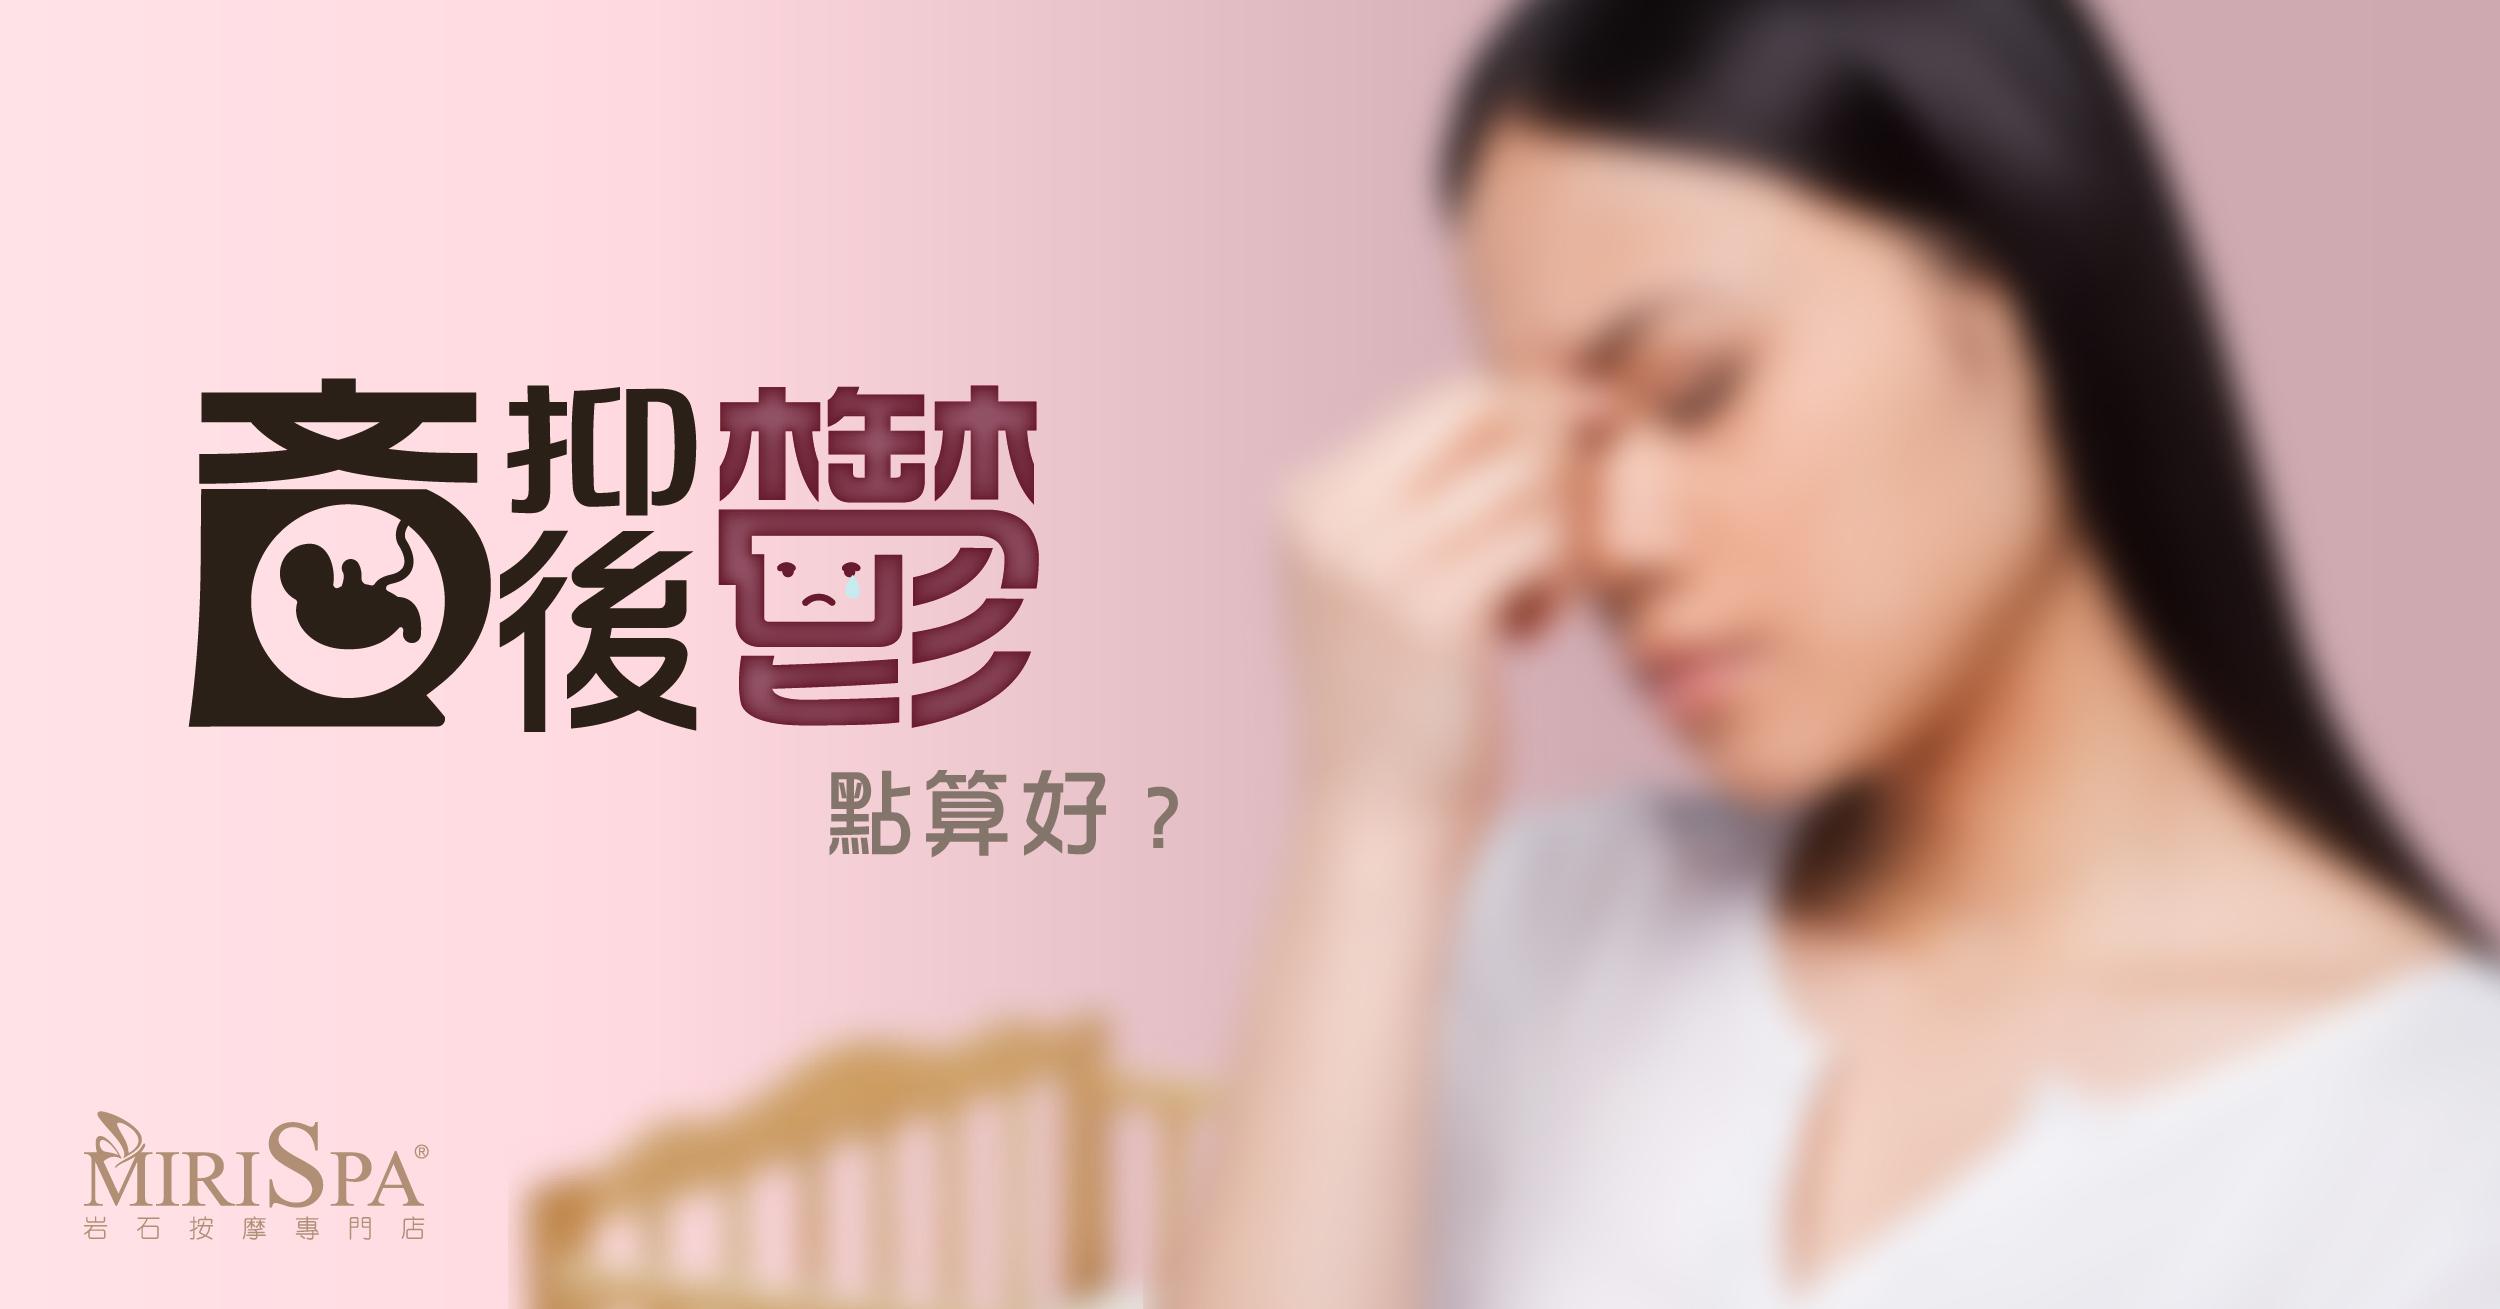 【產後抑鬱】新手媽媽懷疑患上產後抑鬱?